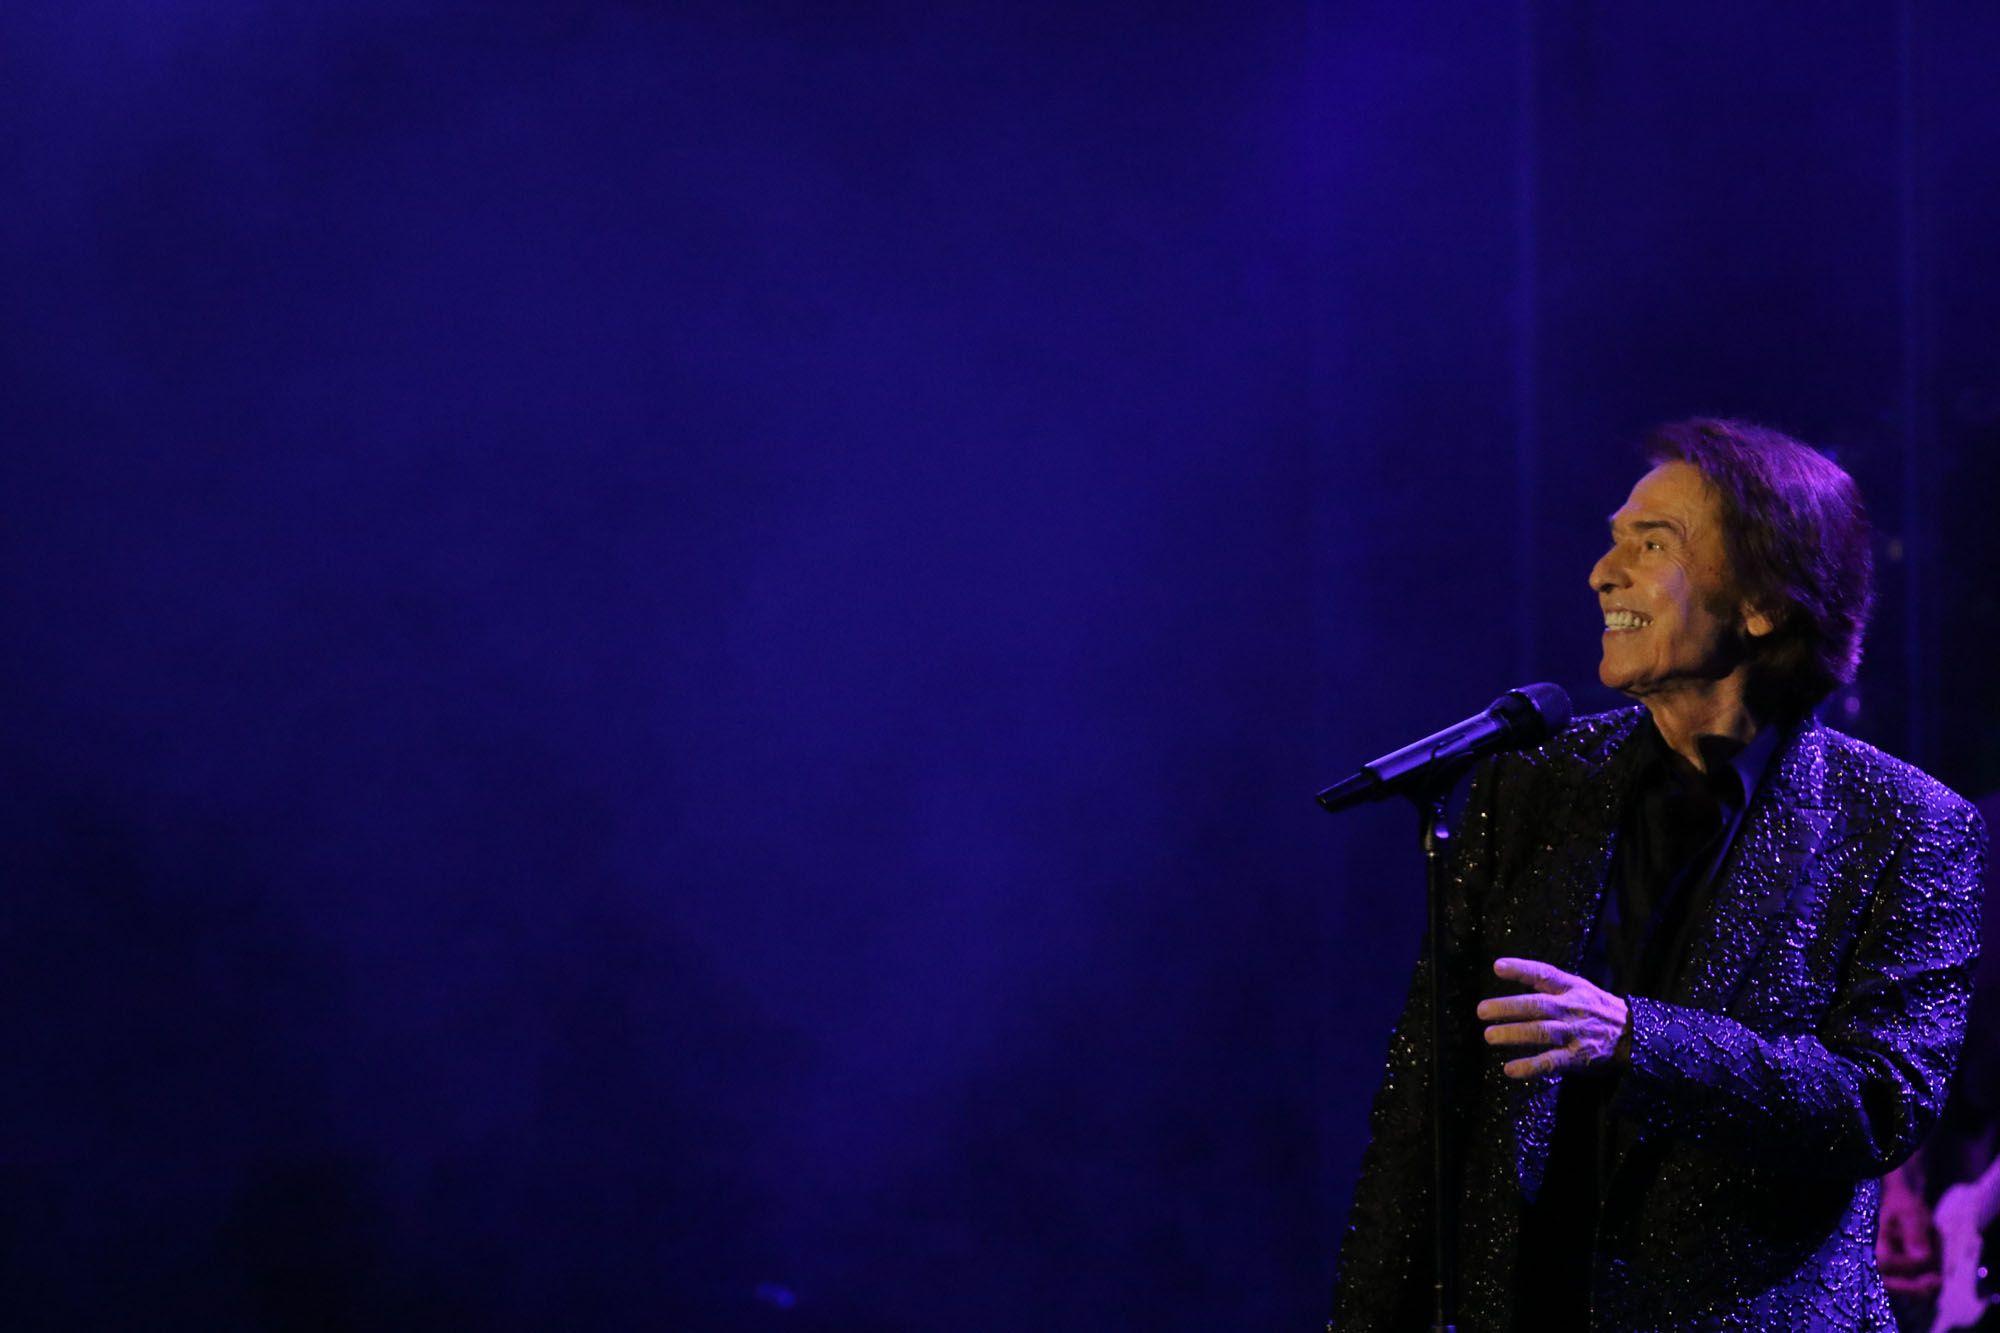 Las imágenes del segundo concierto de Raphael en el Starlite Festival de Marbella de 2021.